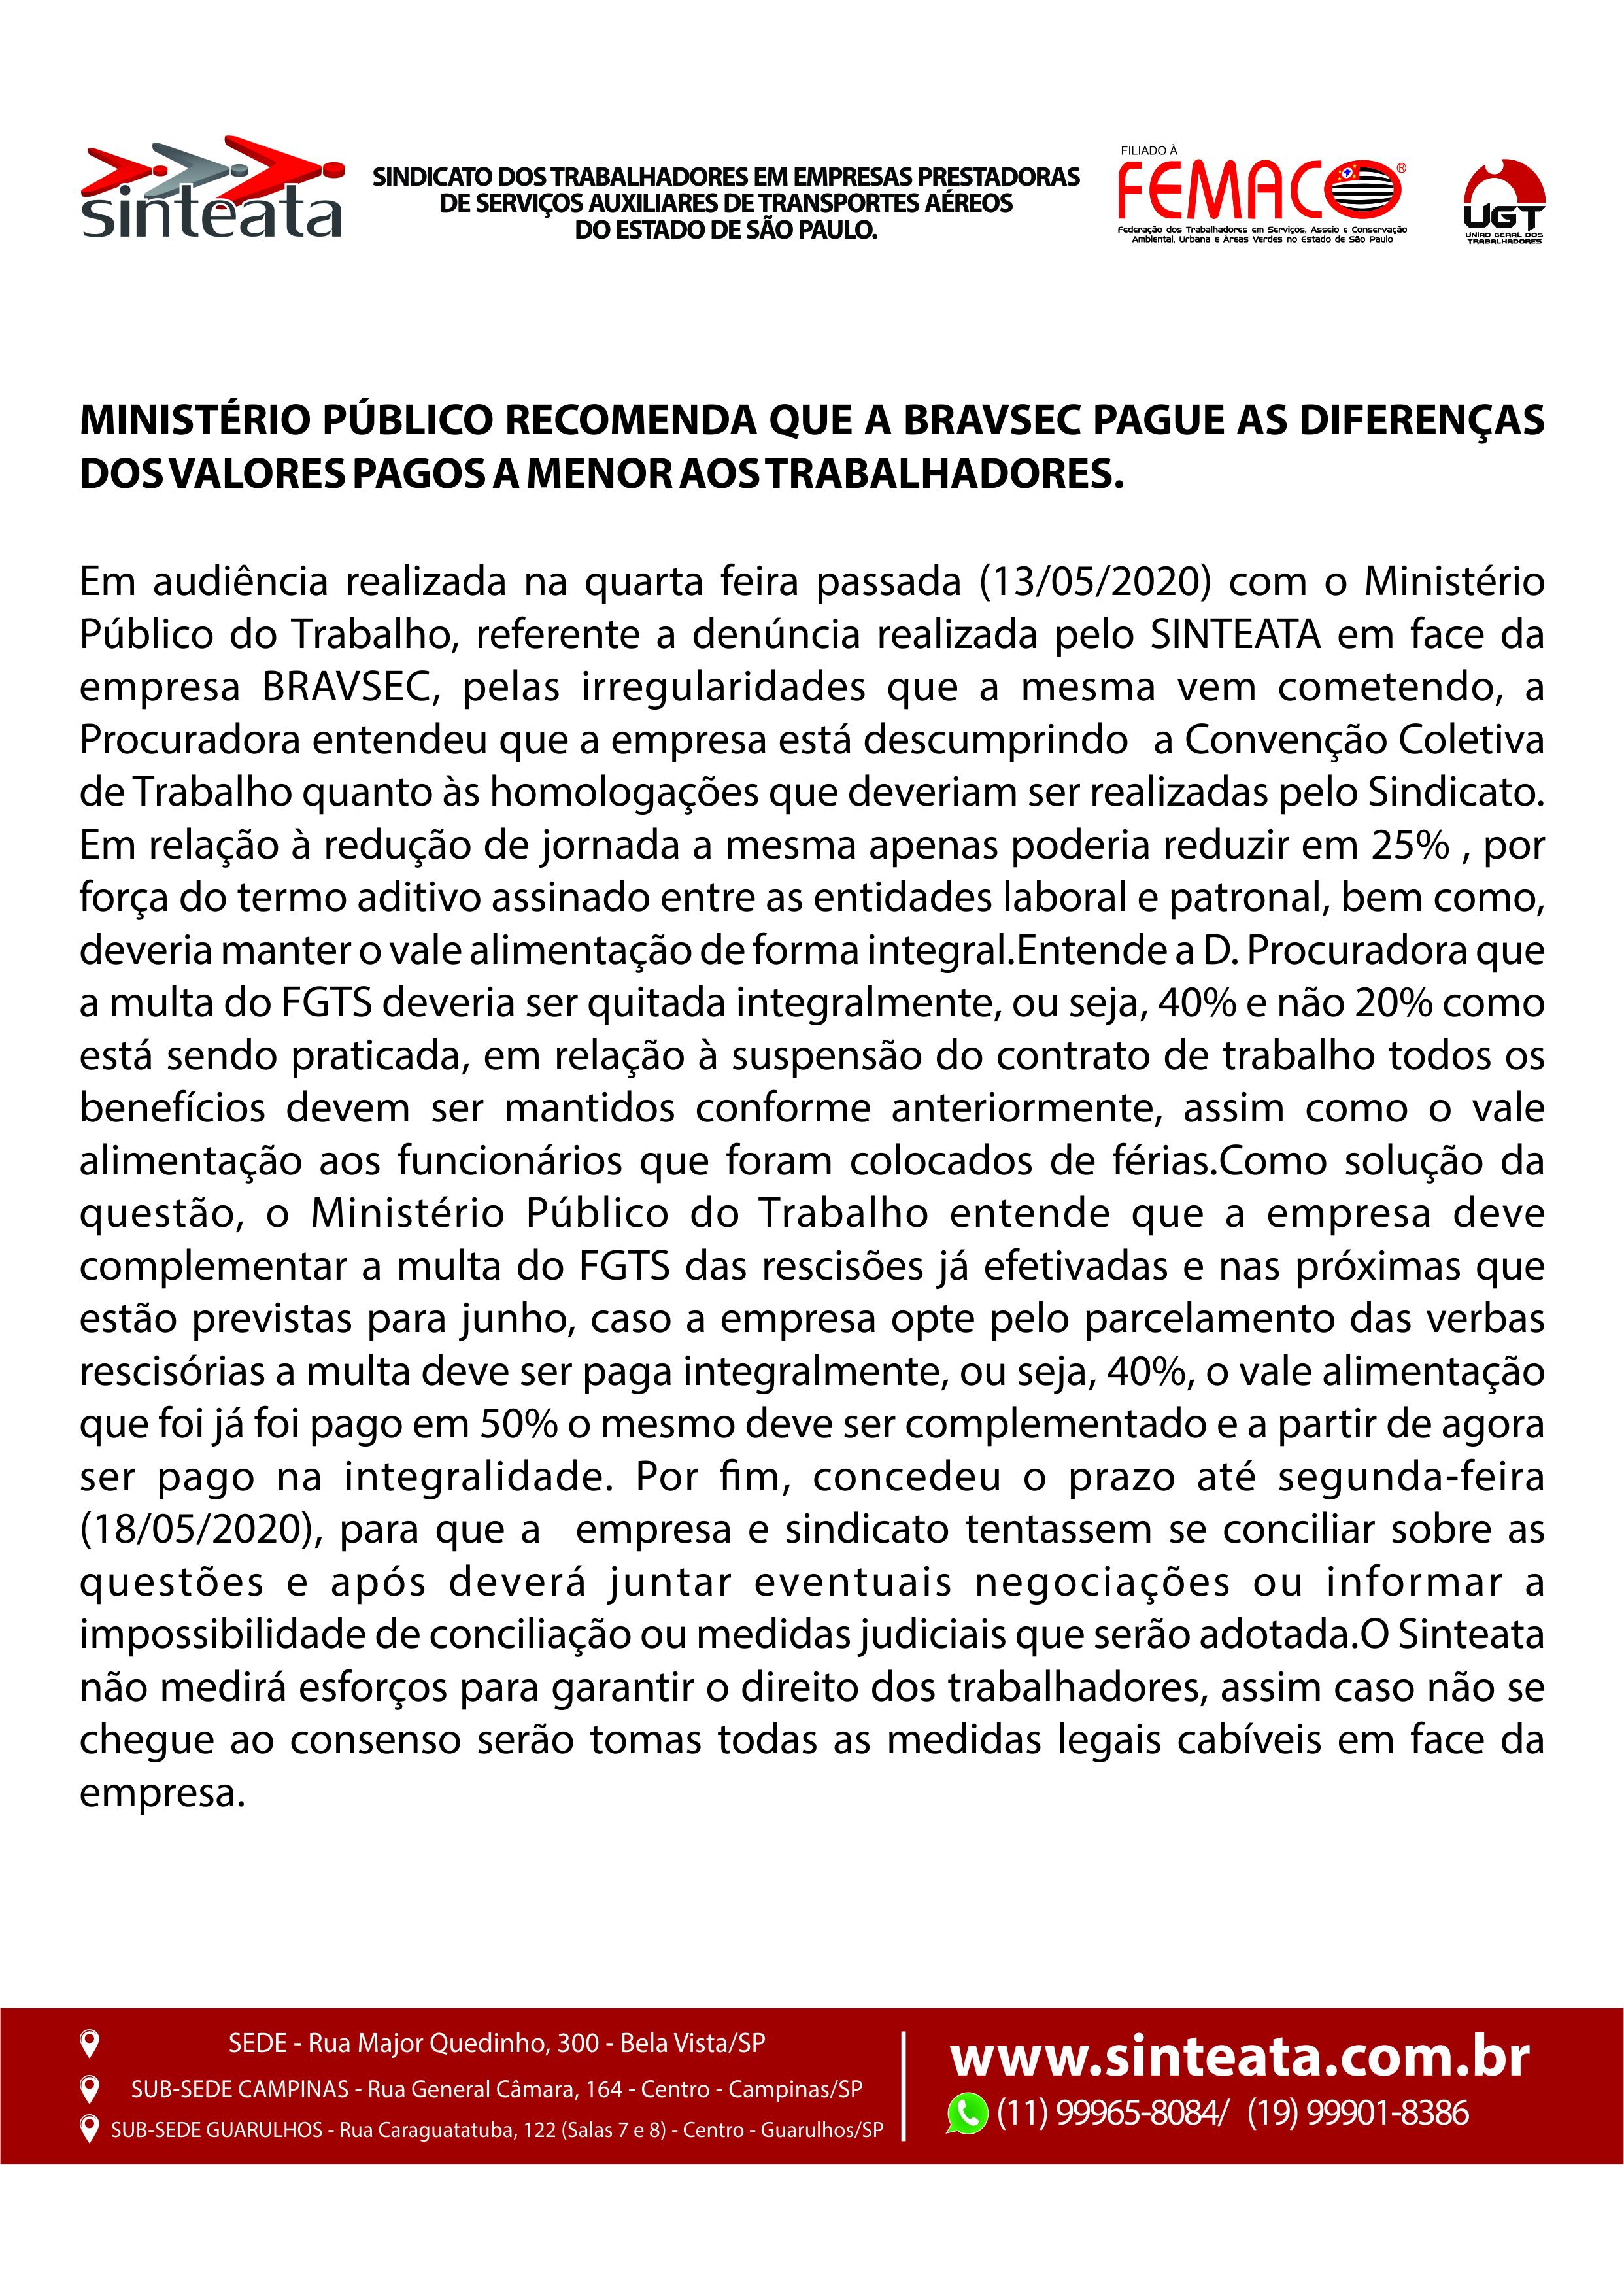 MINISTÉRIO PÚBLICO RECOMENDA QUE A BRAVSEC PAGUE AS DIFERENÇAS DOS VALORES PAGOS A MENOR AOS TRABALHADORES